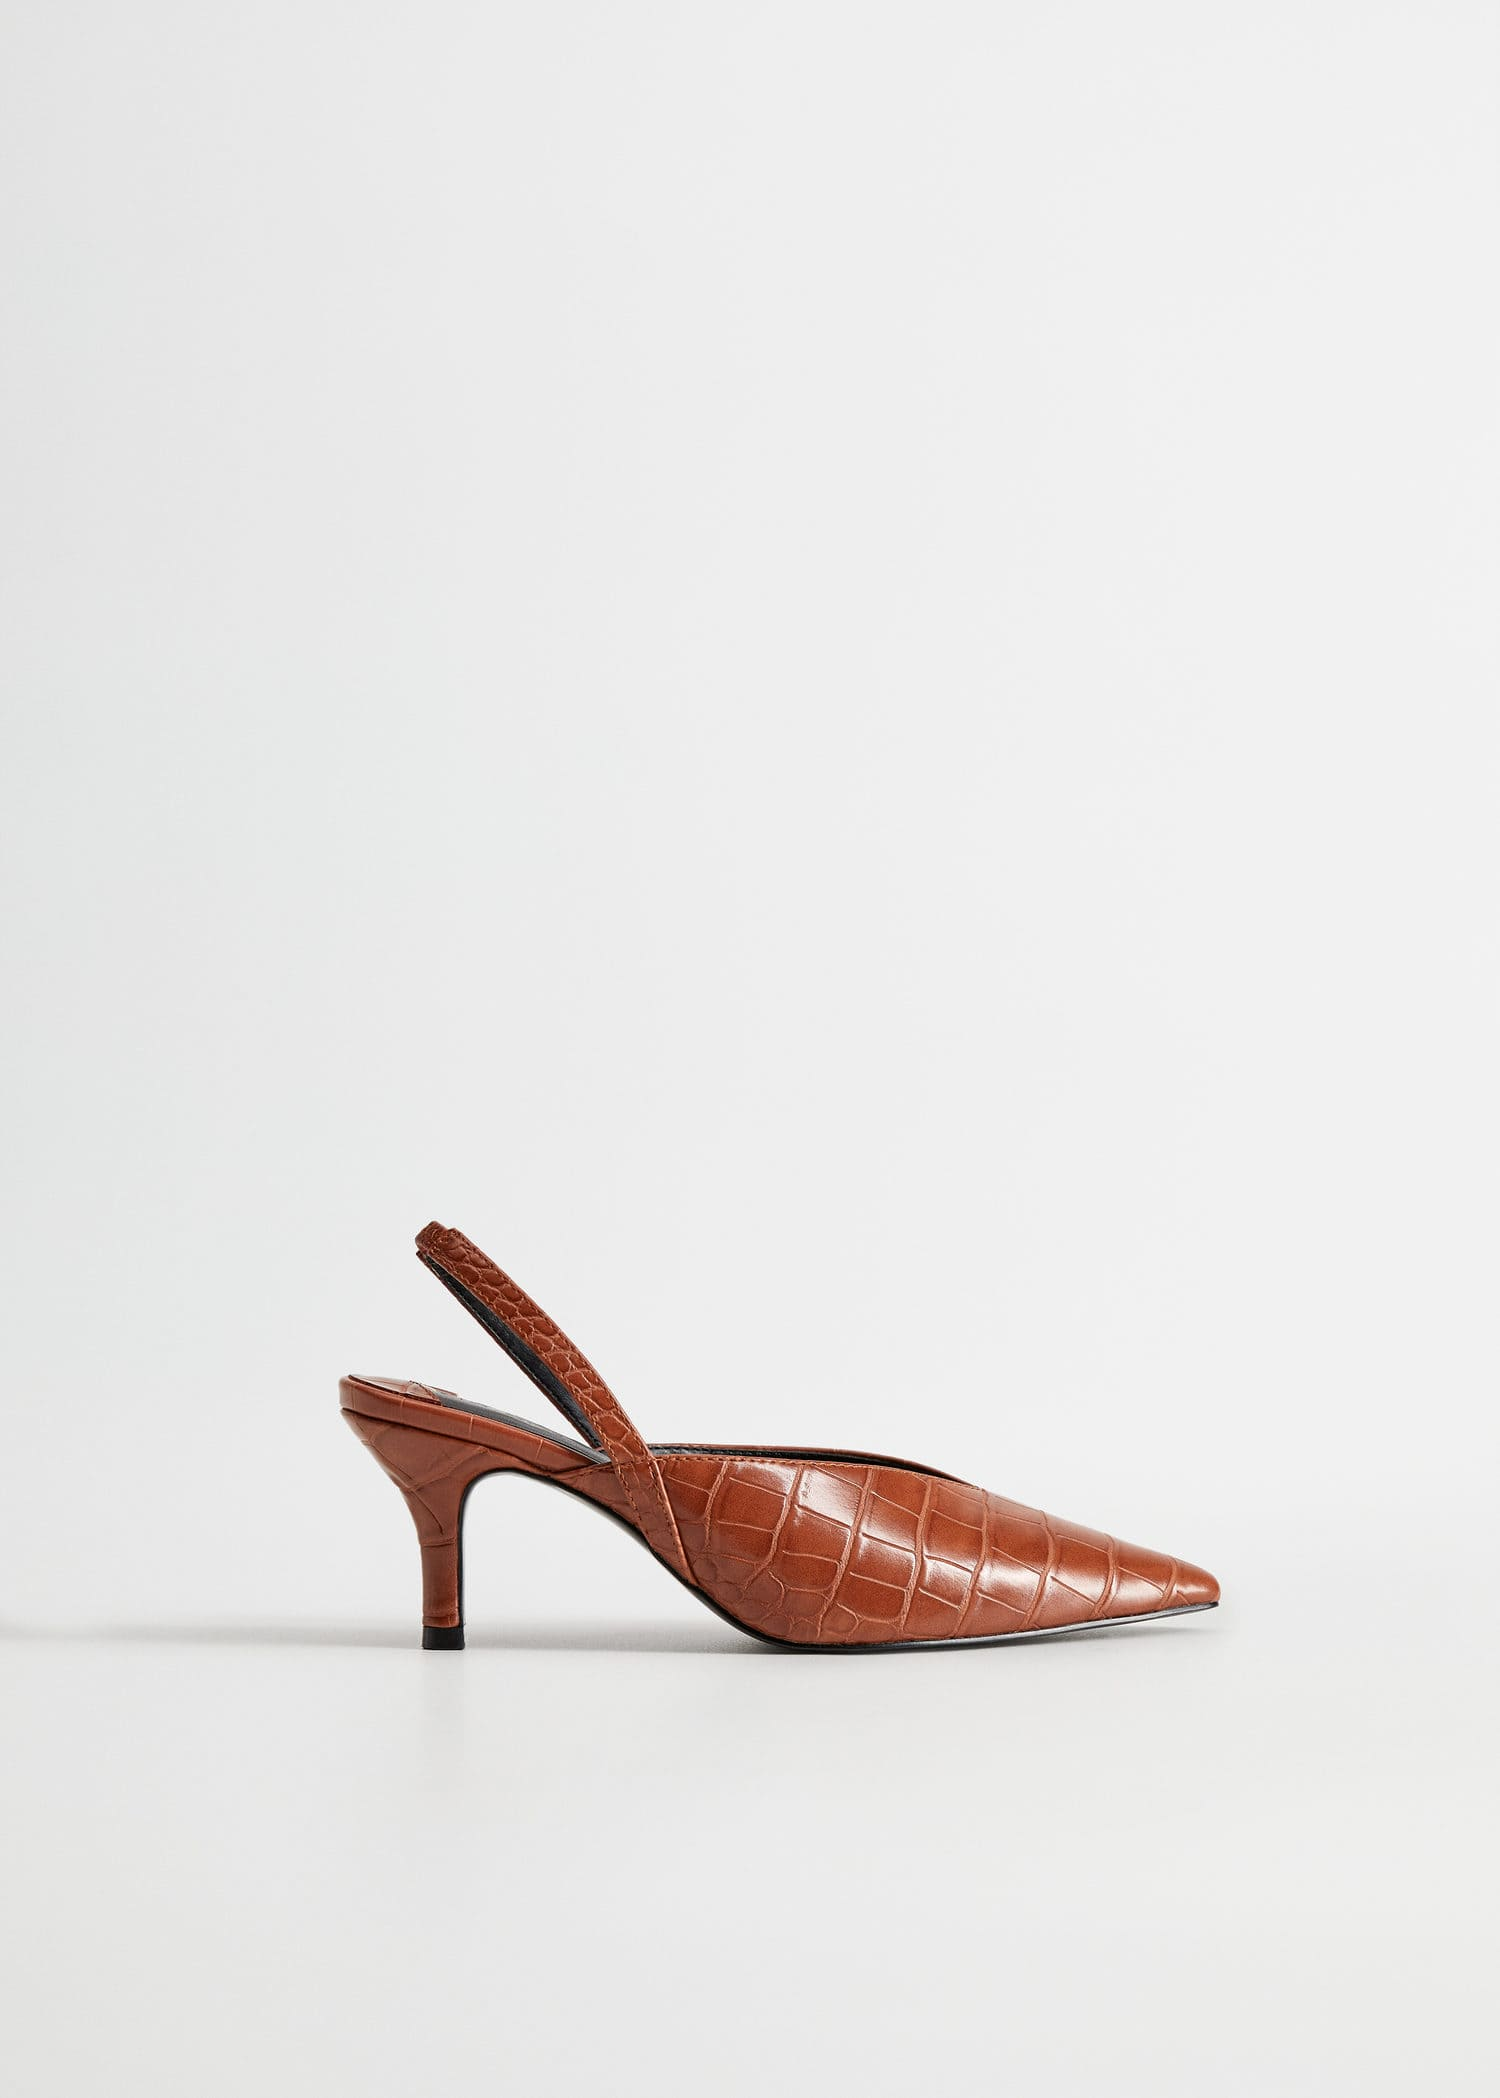 Sapato com ponta de crocodilo